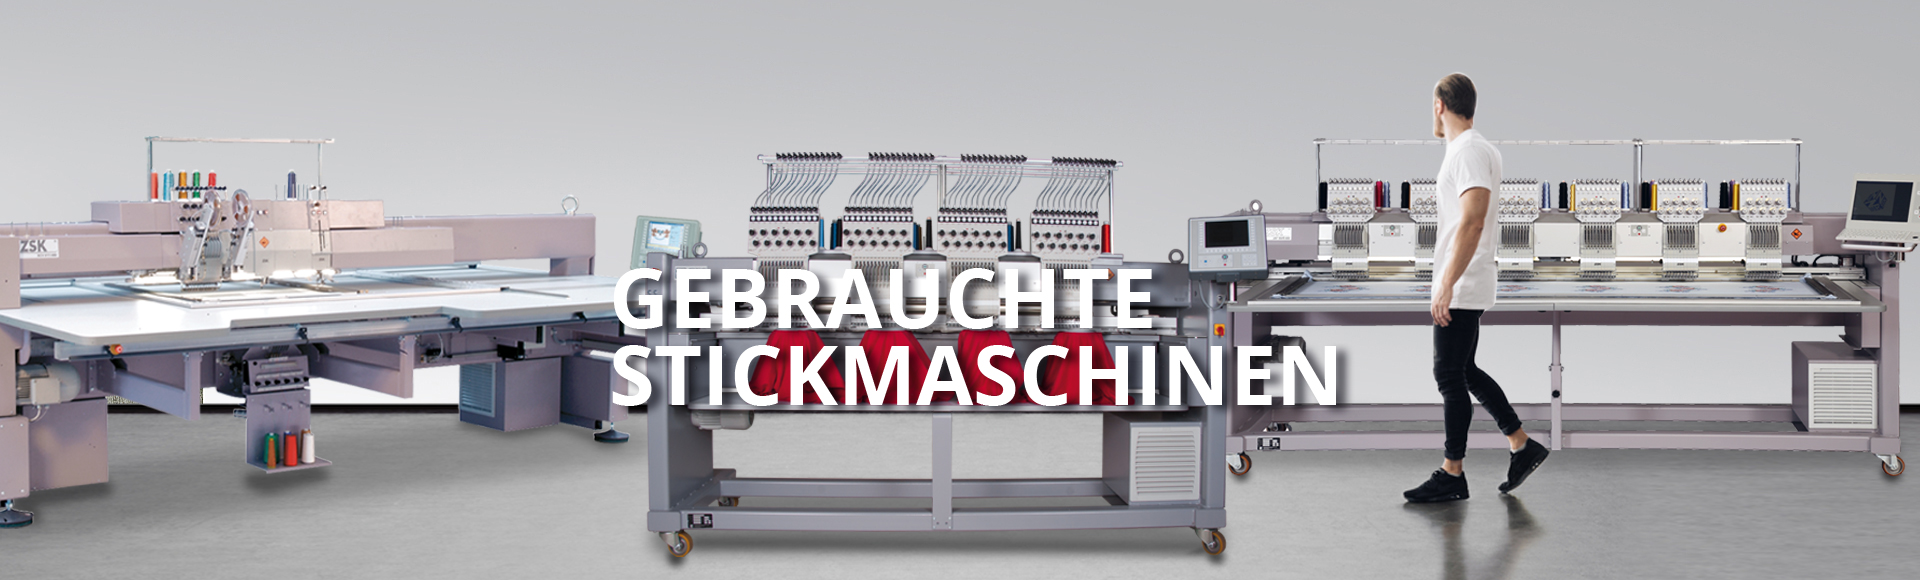 Gebrauchte und geprüfte Stickmaschinen von ZSK STICKMASCHINEN